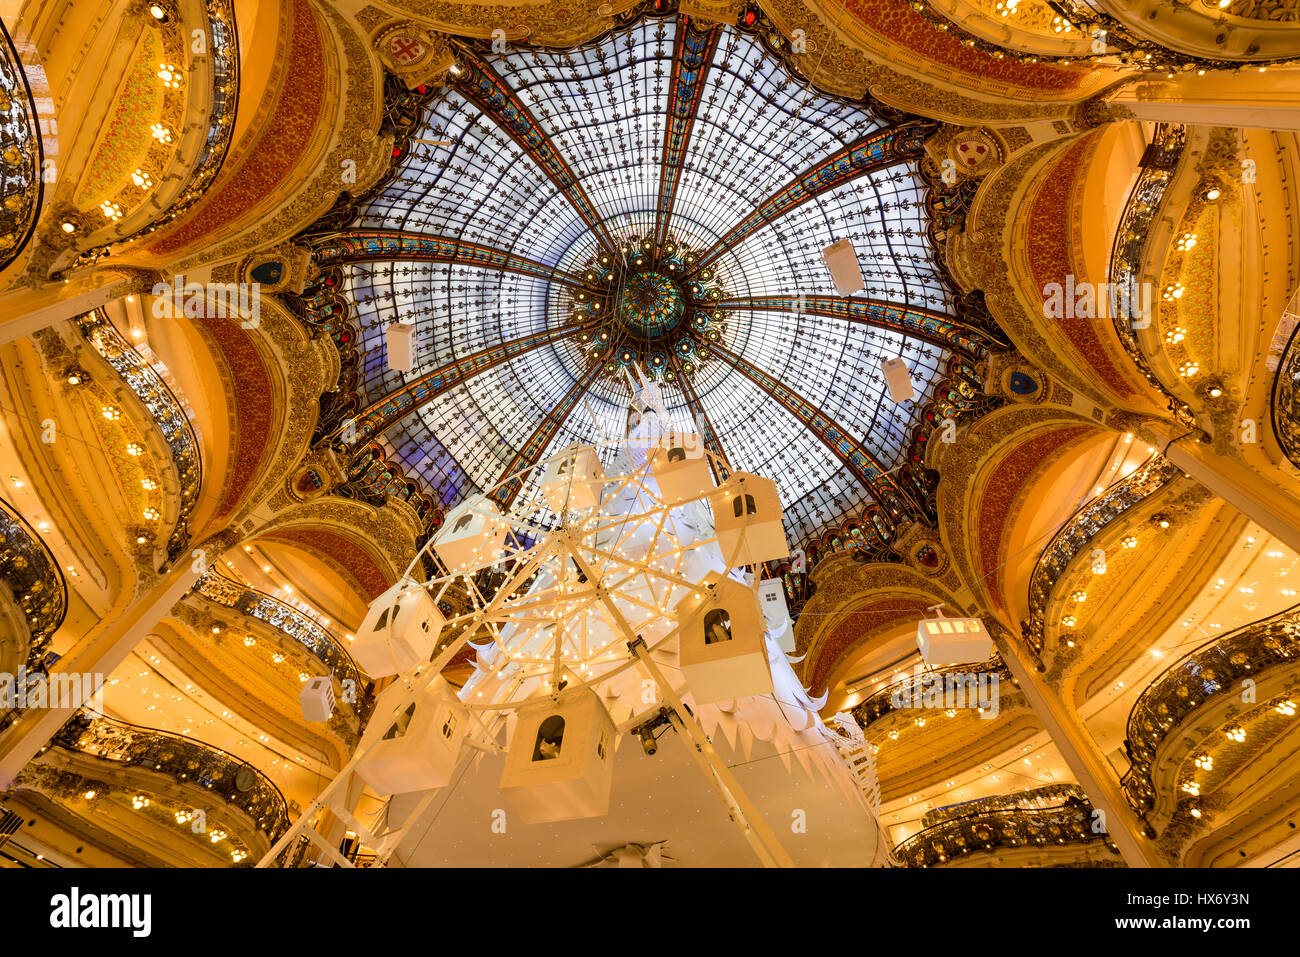 Galerías Lafayette Haussmann interior con cúpula de vidrio en Navidad. París, Francia Imagen De Stock